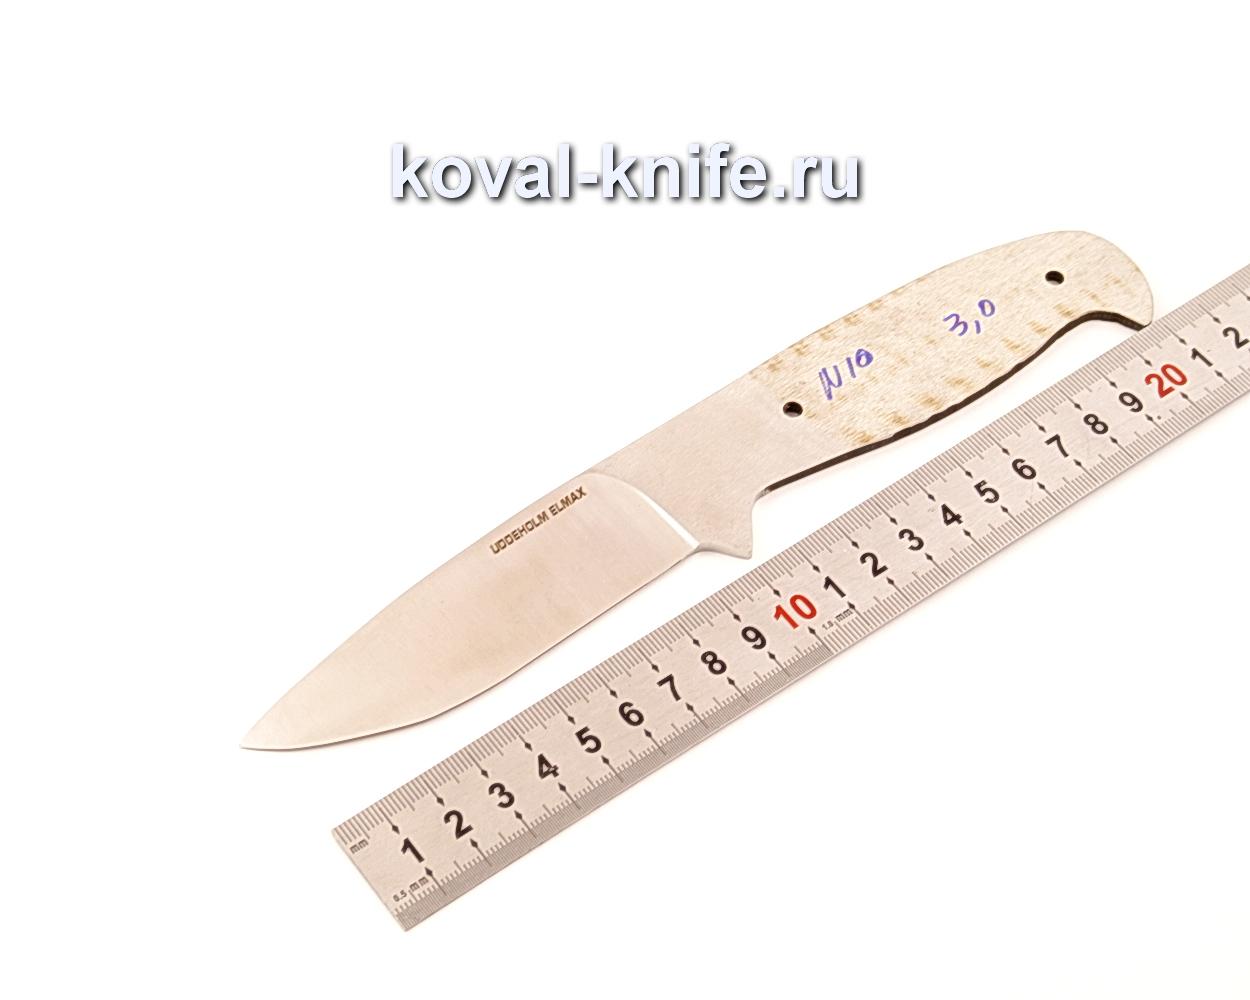 Клинок для ножа из порошковой стали Elmax N10